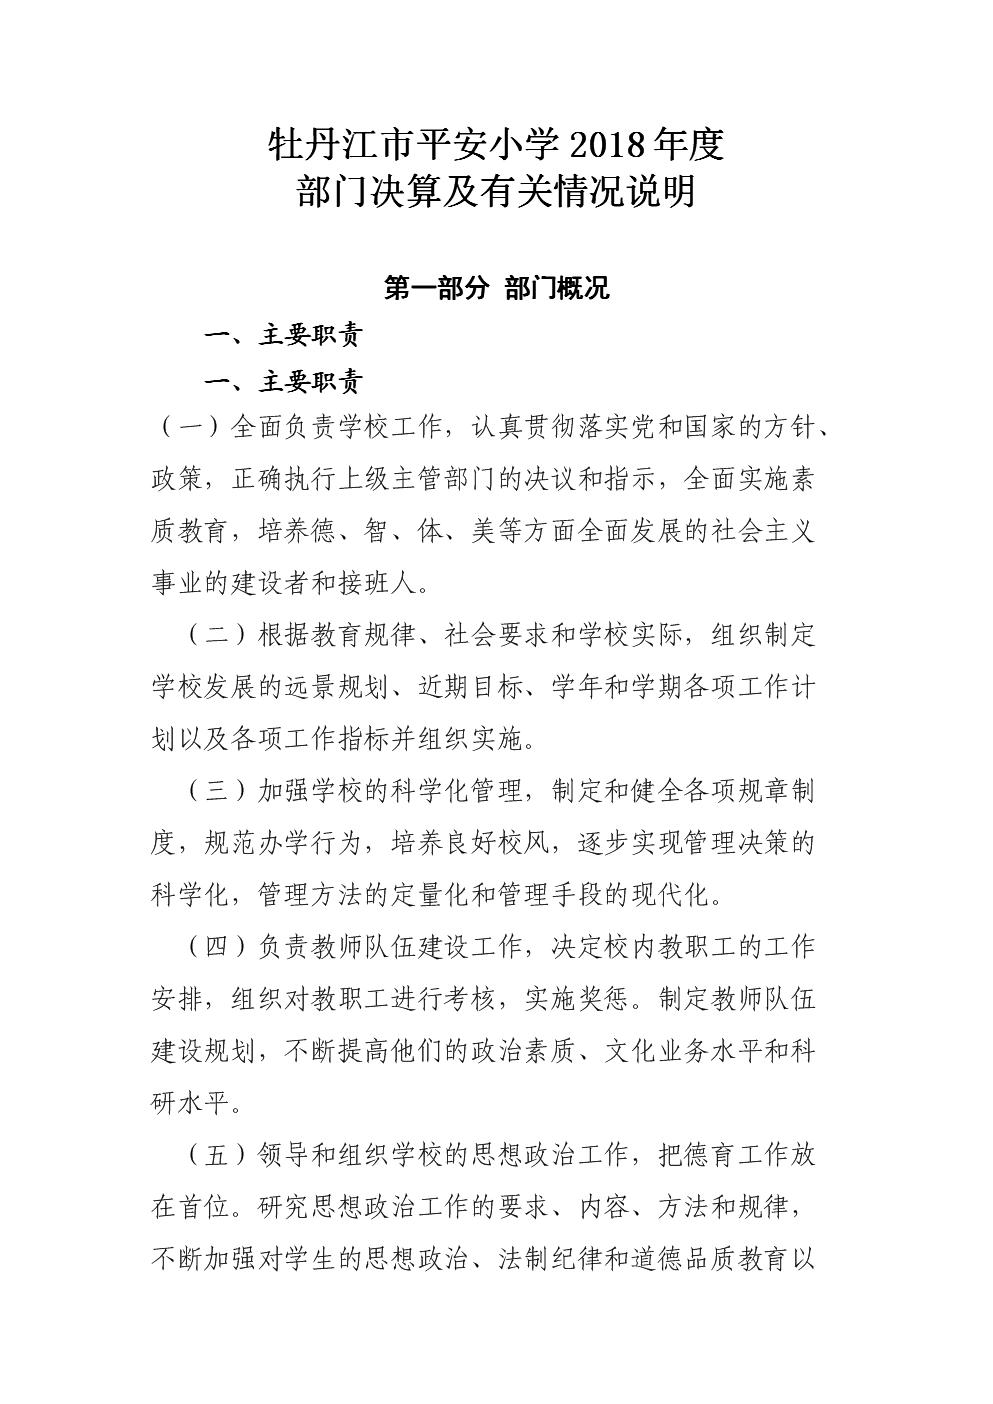 牡丹江市平安小学2018年度部门决算及有关情况说明.doc